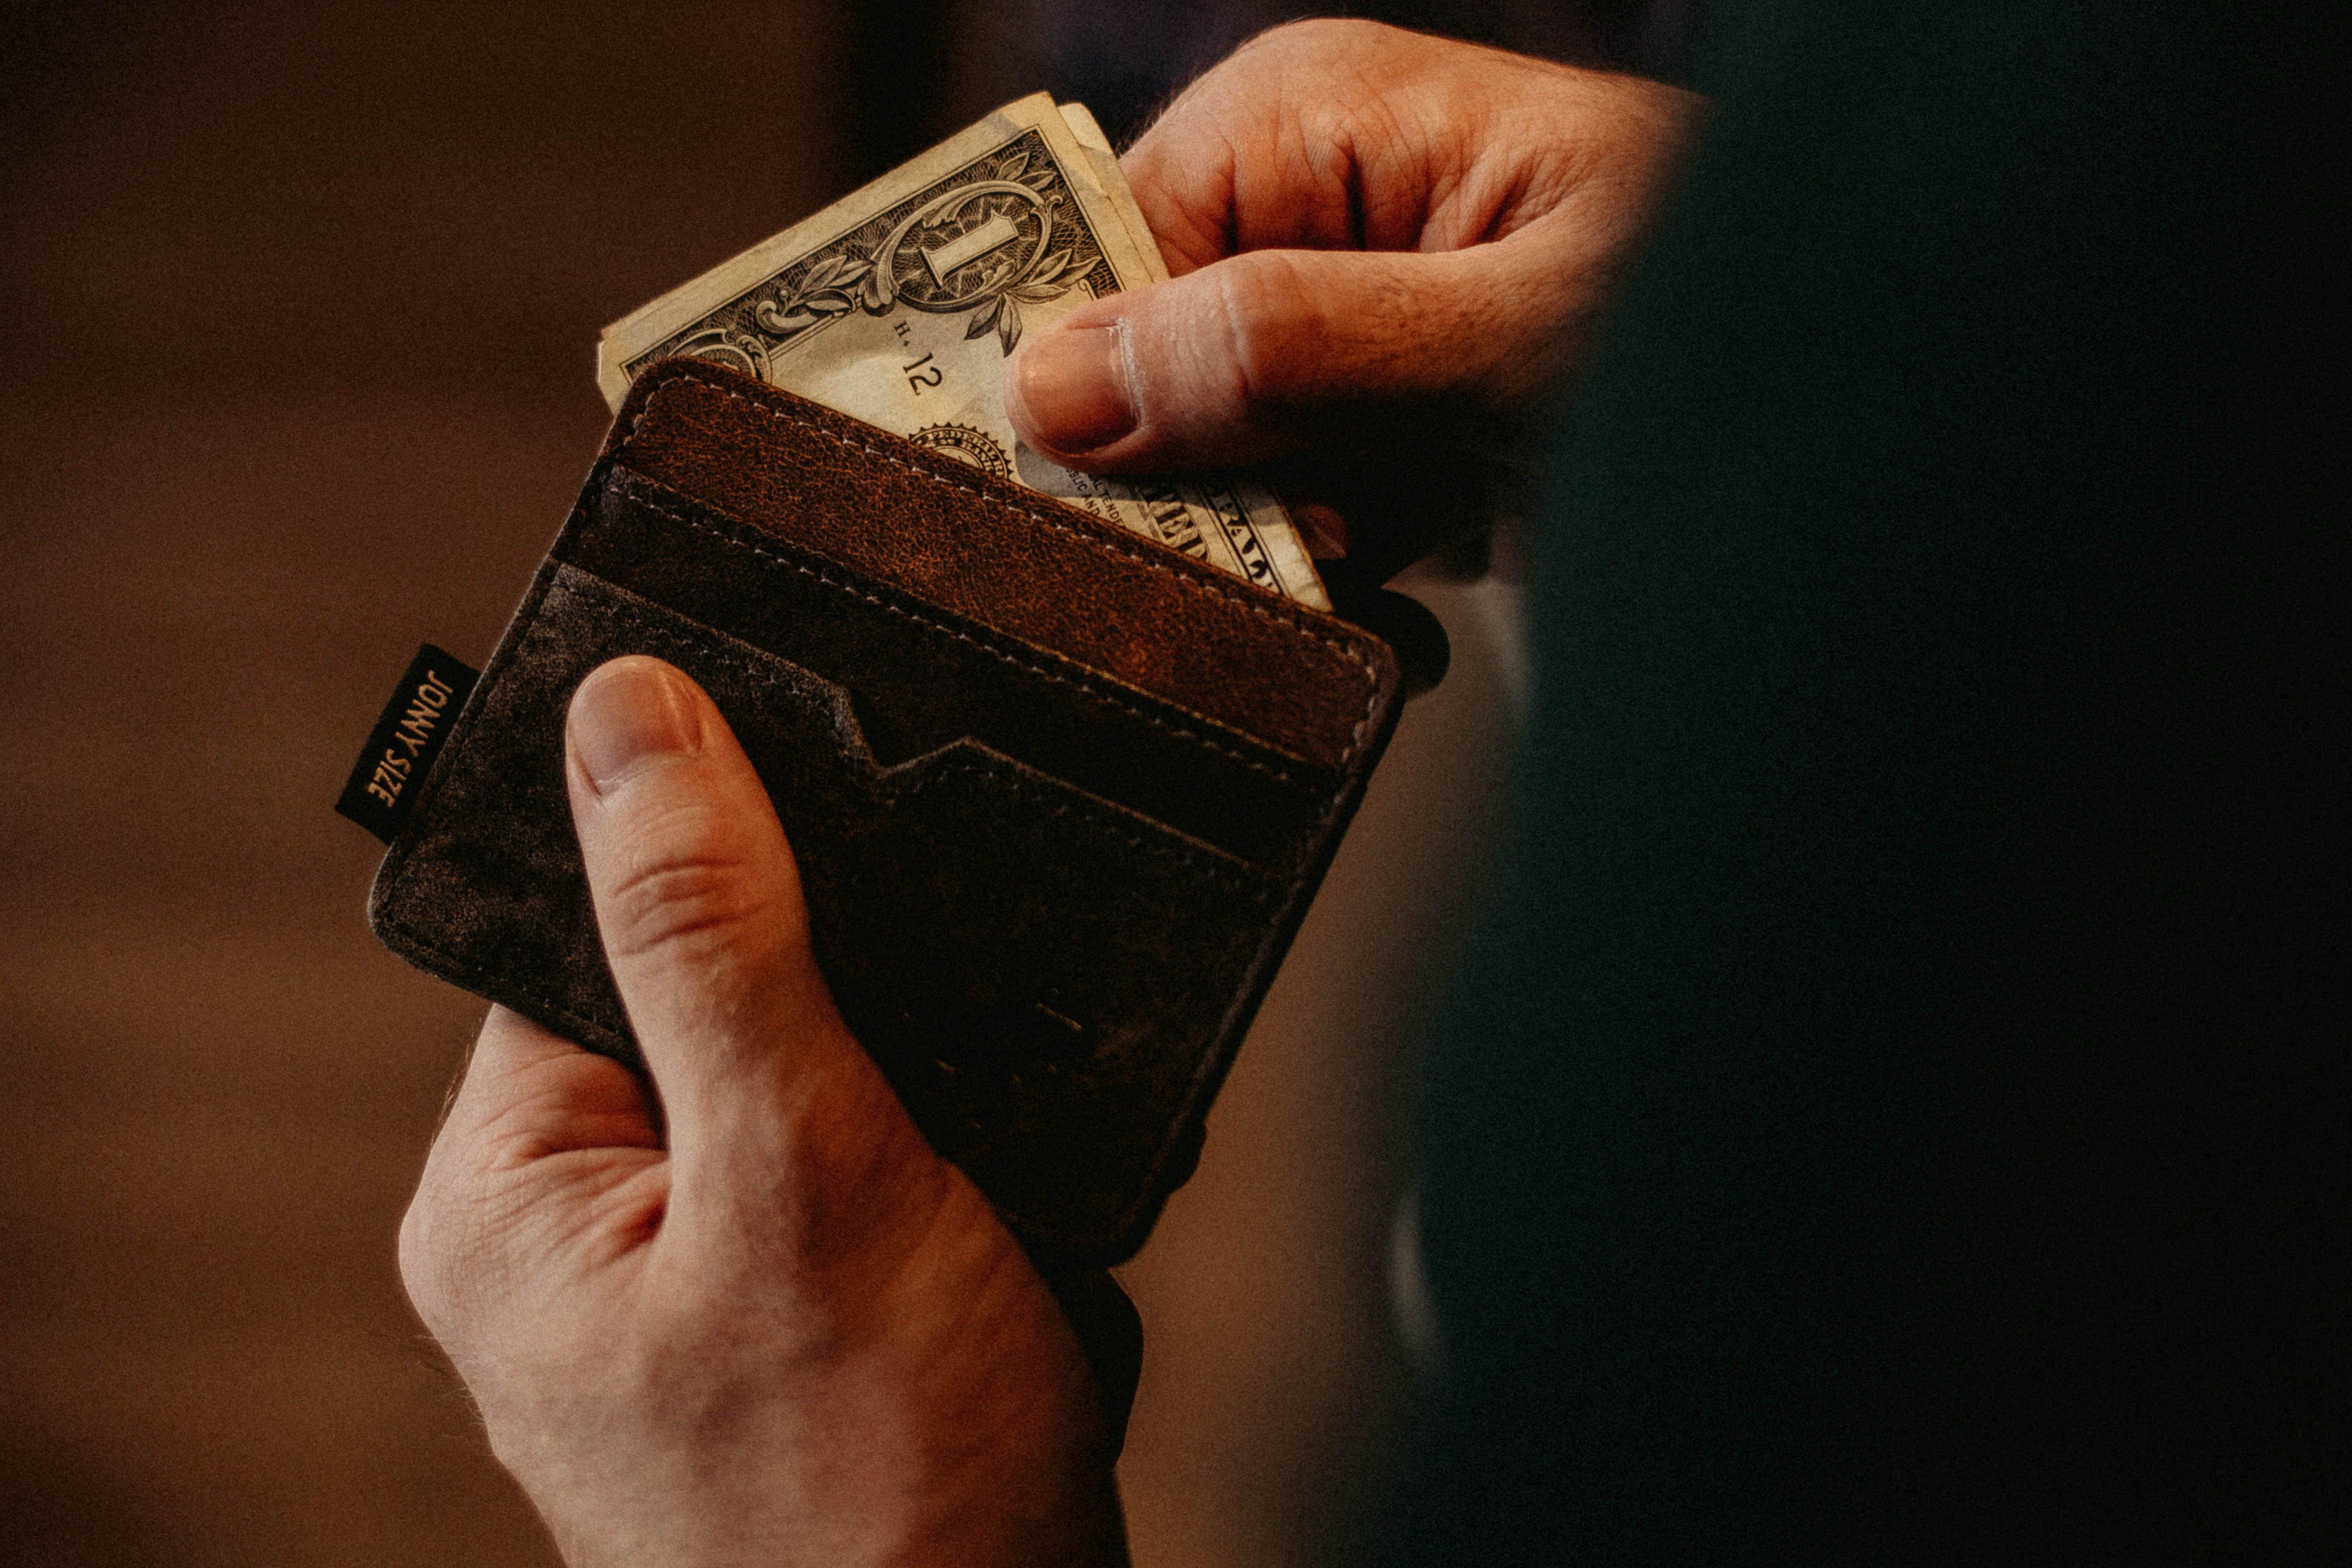 撿到錢沒報案,不算侵占?什麼時候構成侵占?